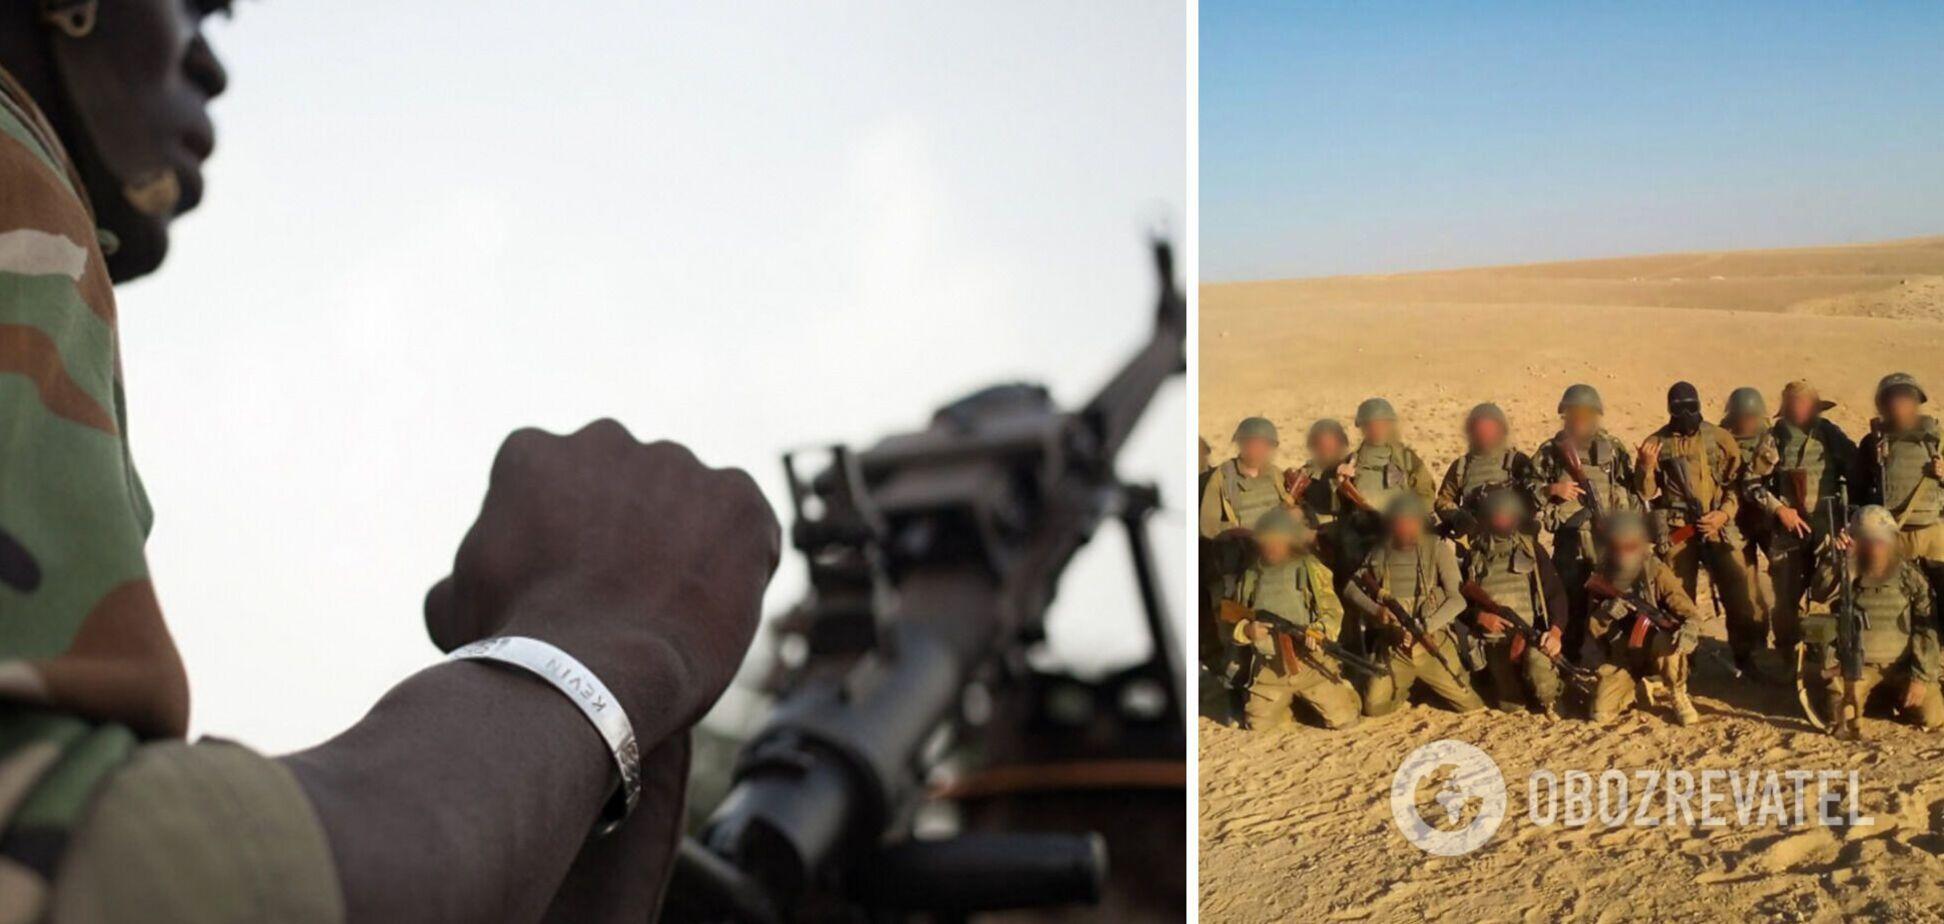 СМИ сообщили о захвате и убийстве вангеровцев в Африке: появилась реакция посла РФ